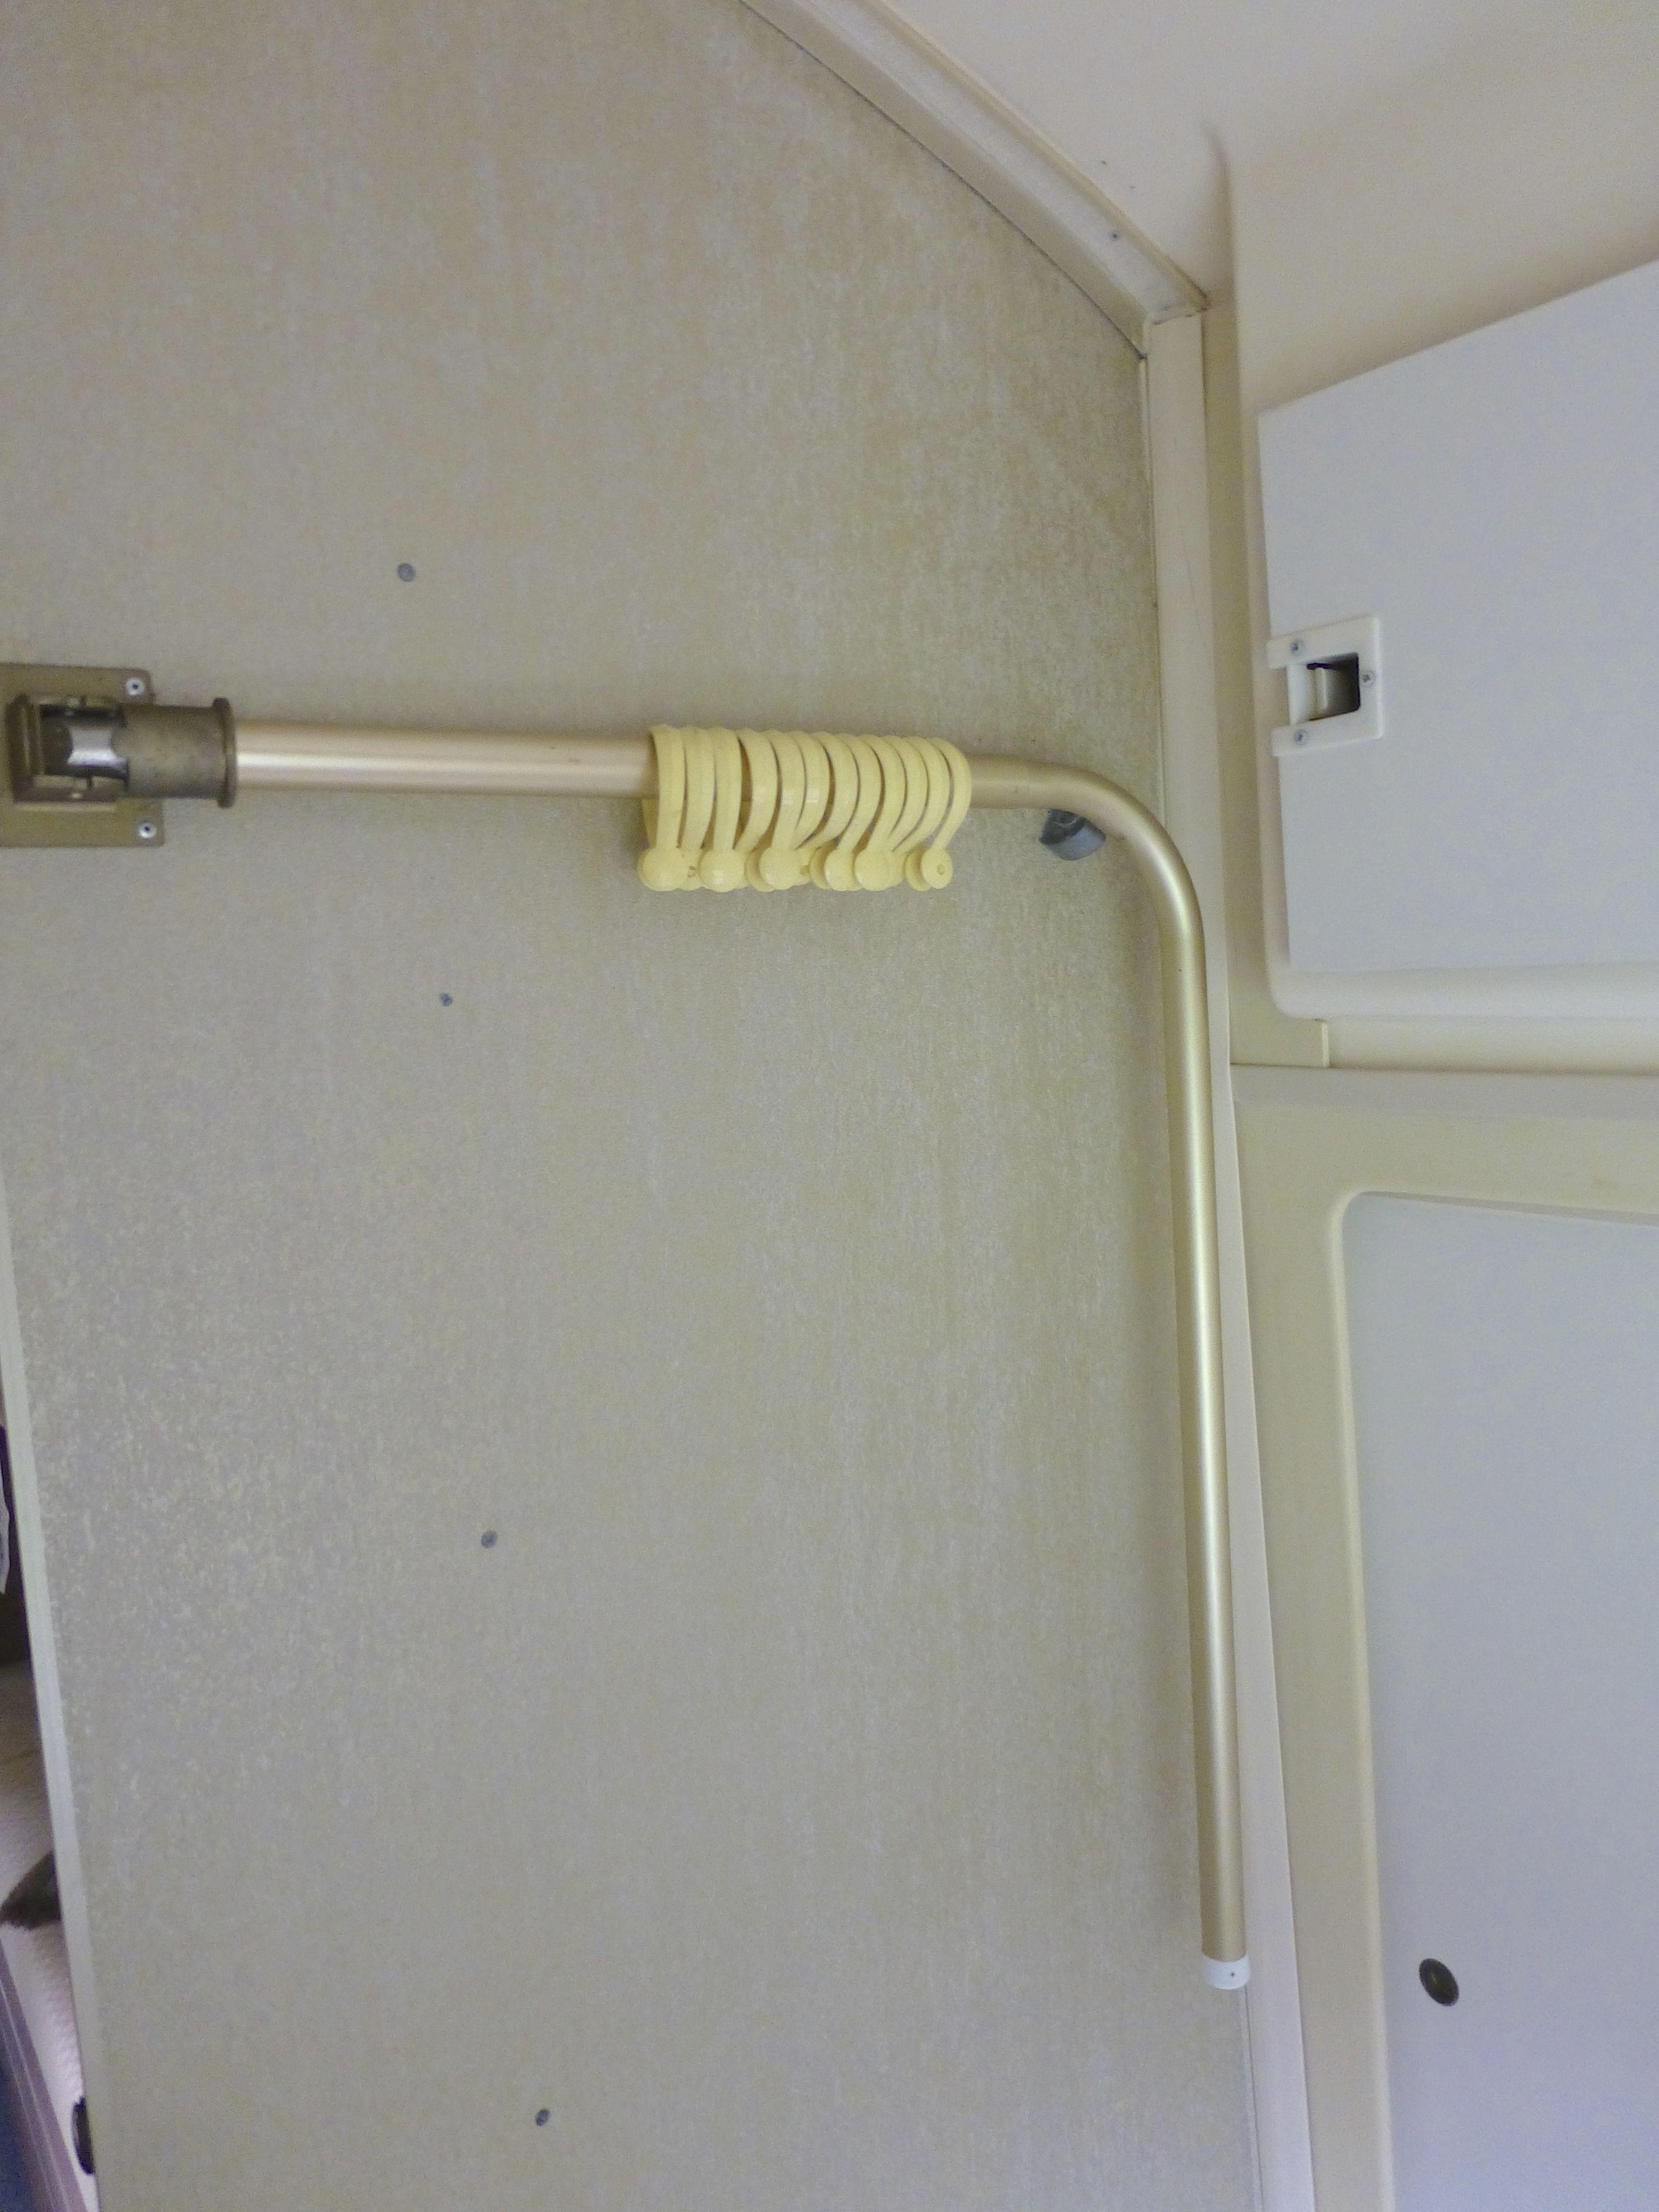 Rv Shower Parts Suppliers